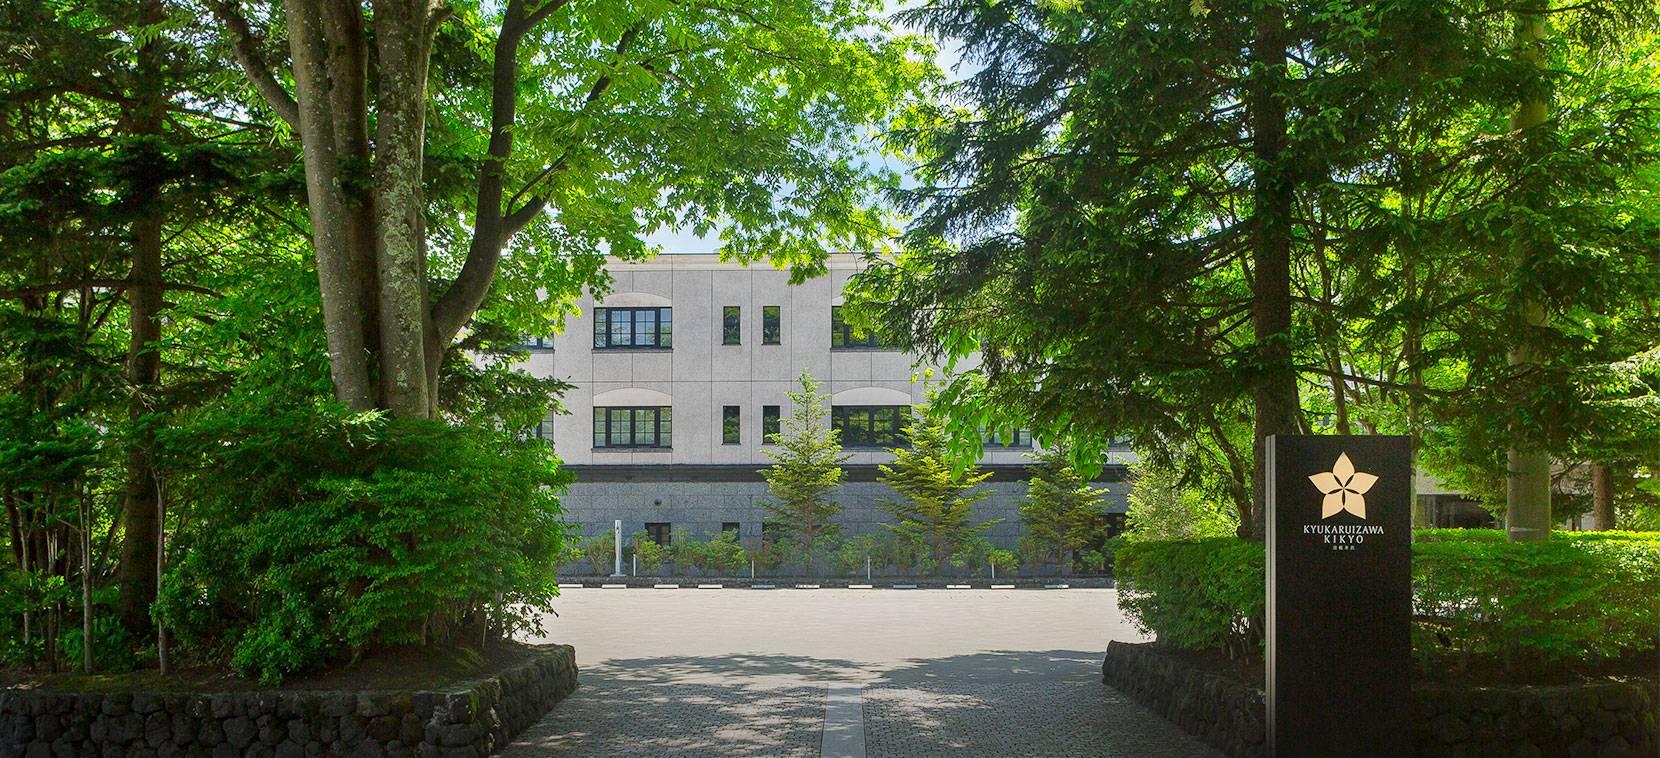 KYUKARUIZAWA KIKYO,Curio Collection by Hilton【東急ステイサービス株式会社】